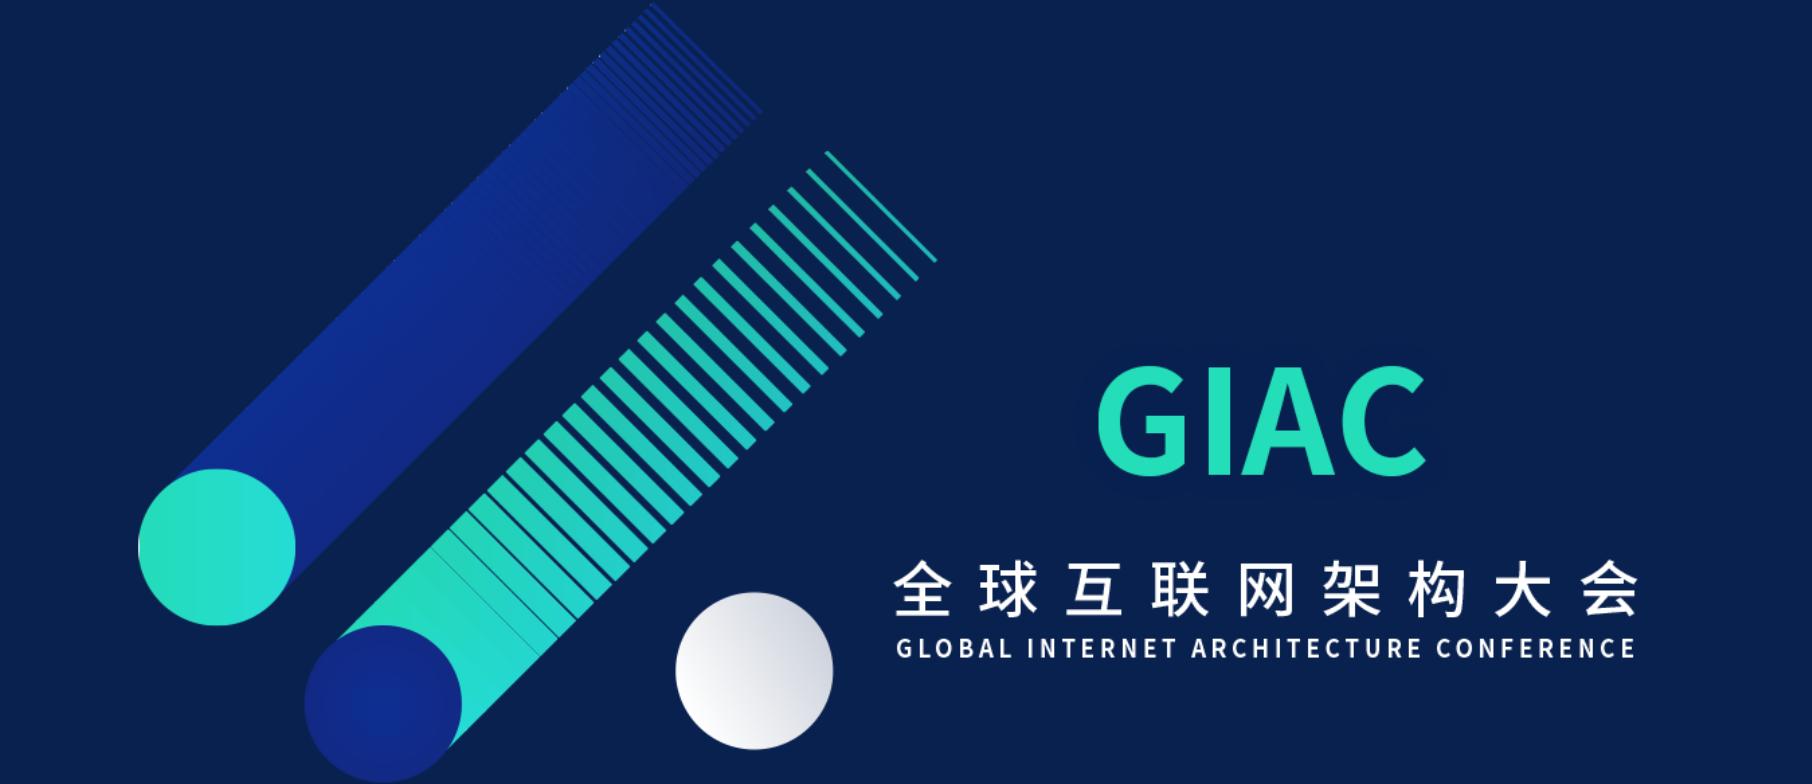 上海 GIAC 全球互联网架构大会